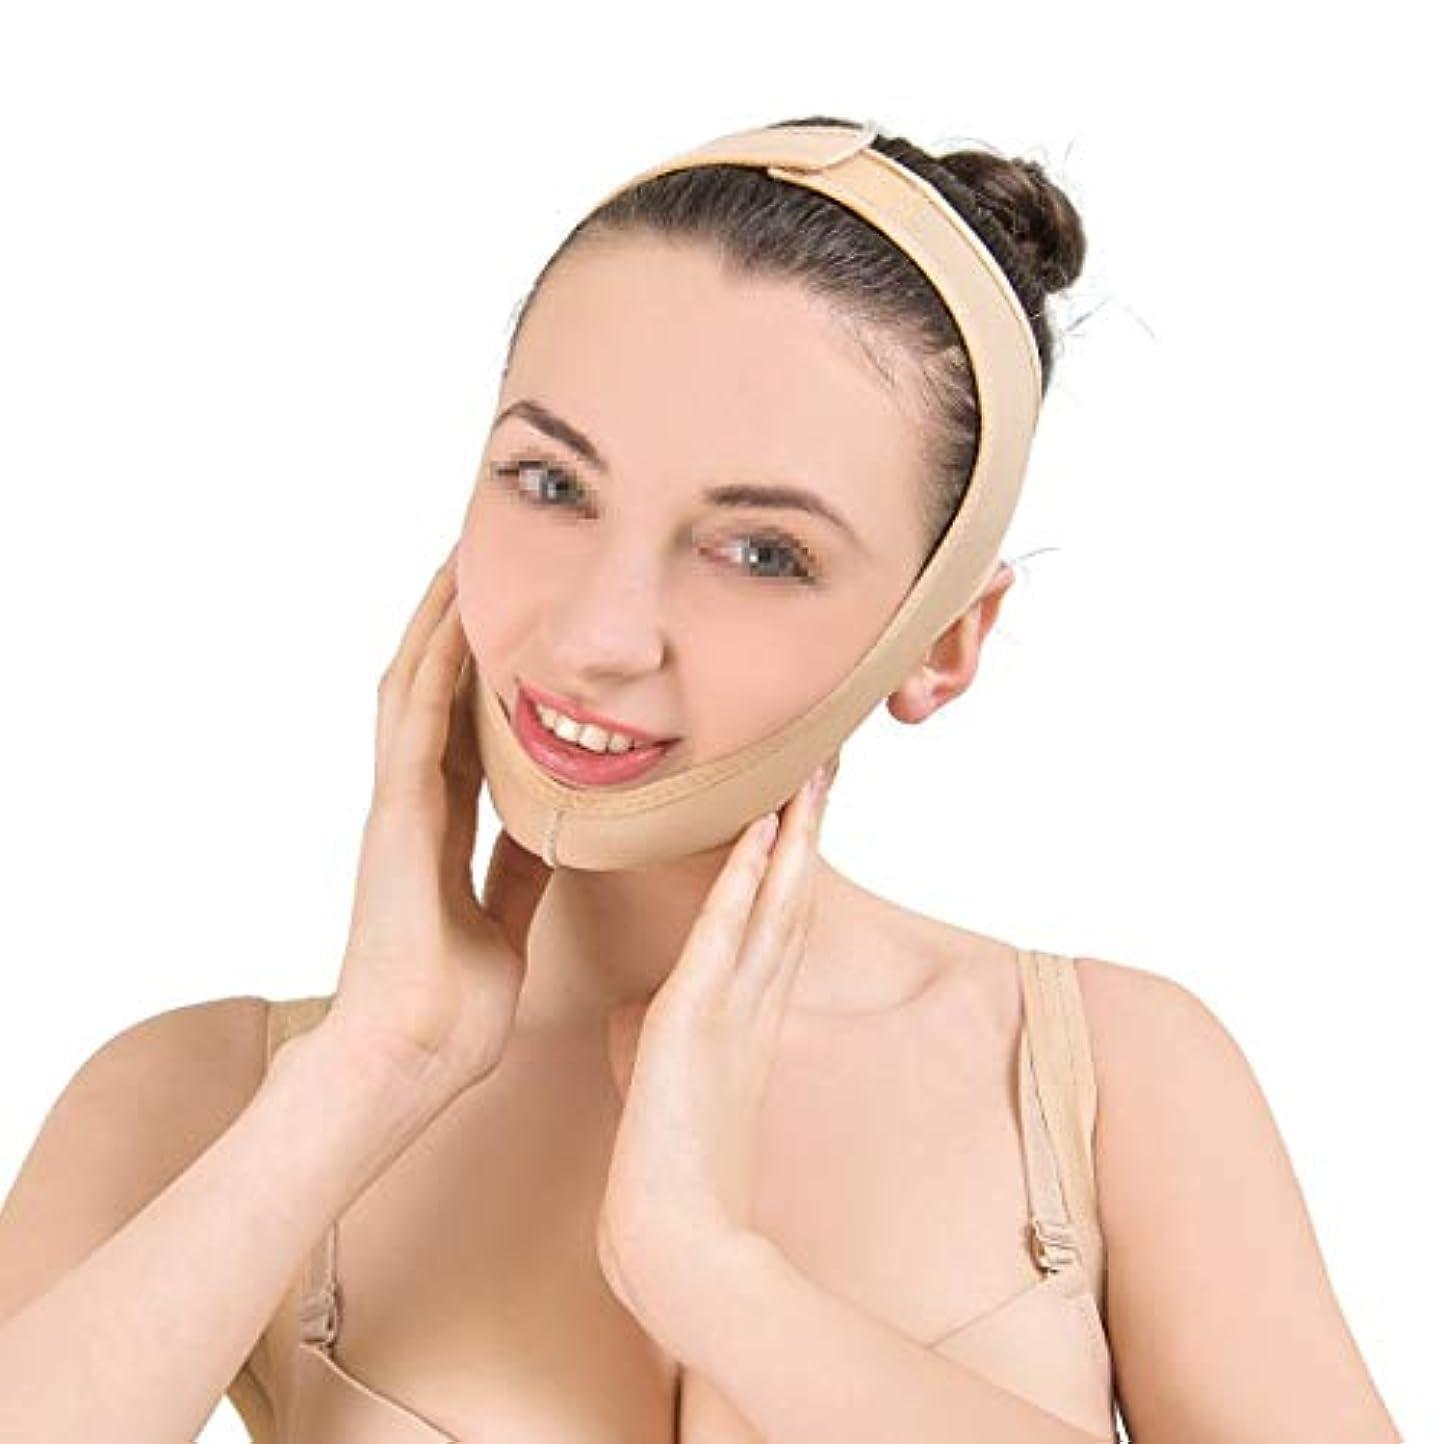 イチゴ運動舌なZWBD フェイスマスク, フェイシャル痩身フェイシャルマスクリフティングベルトで肌の包帯を引き締め、Vフェイスライン包帯のダブルチンケア減量ベルトを強化 (Size : M)